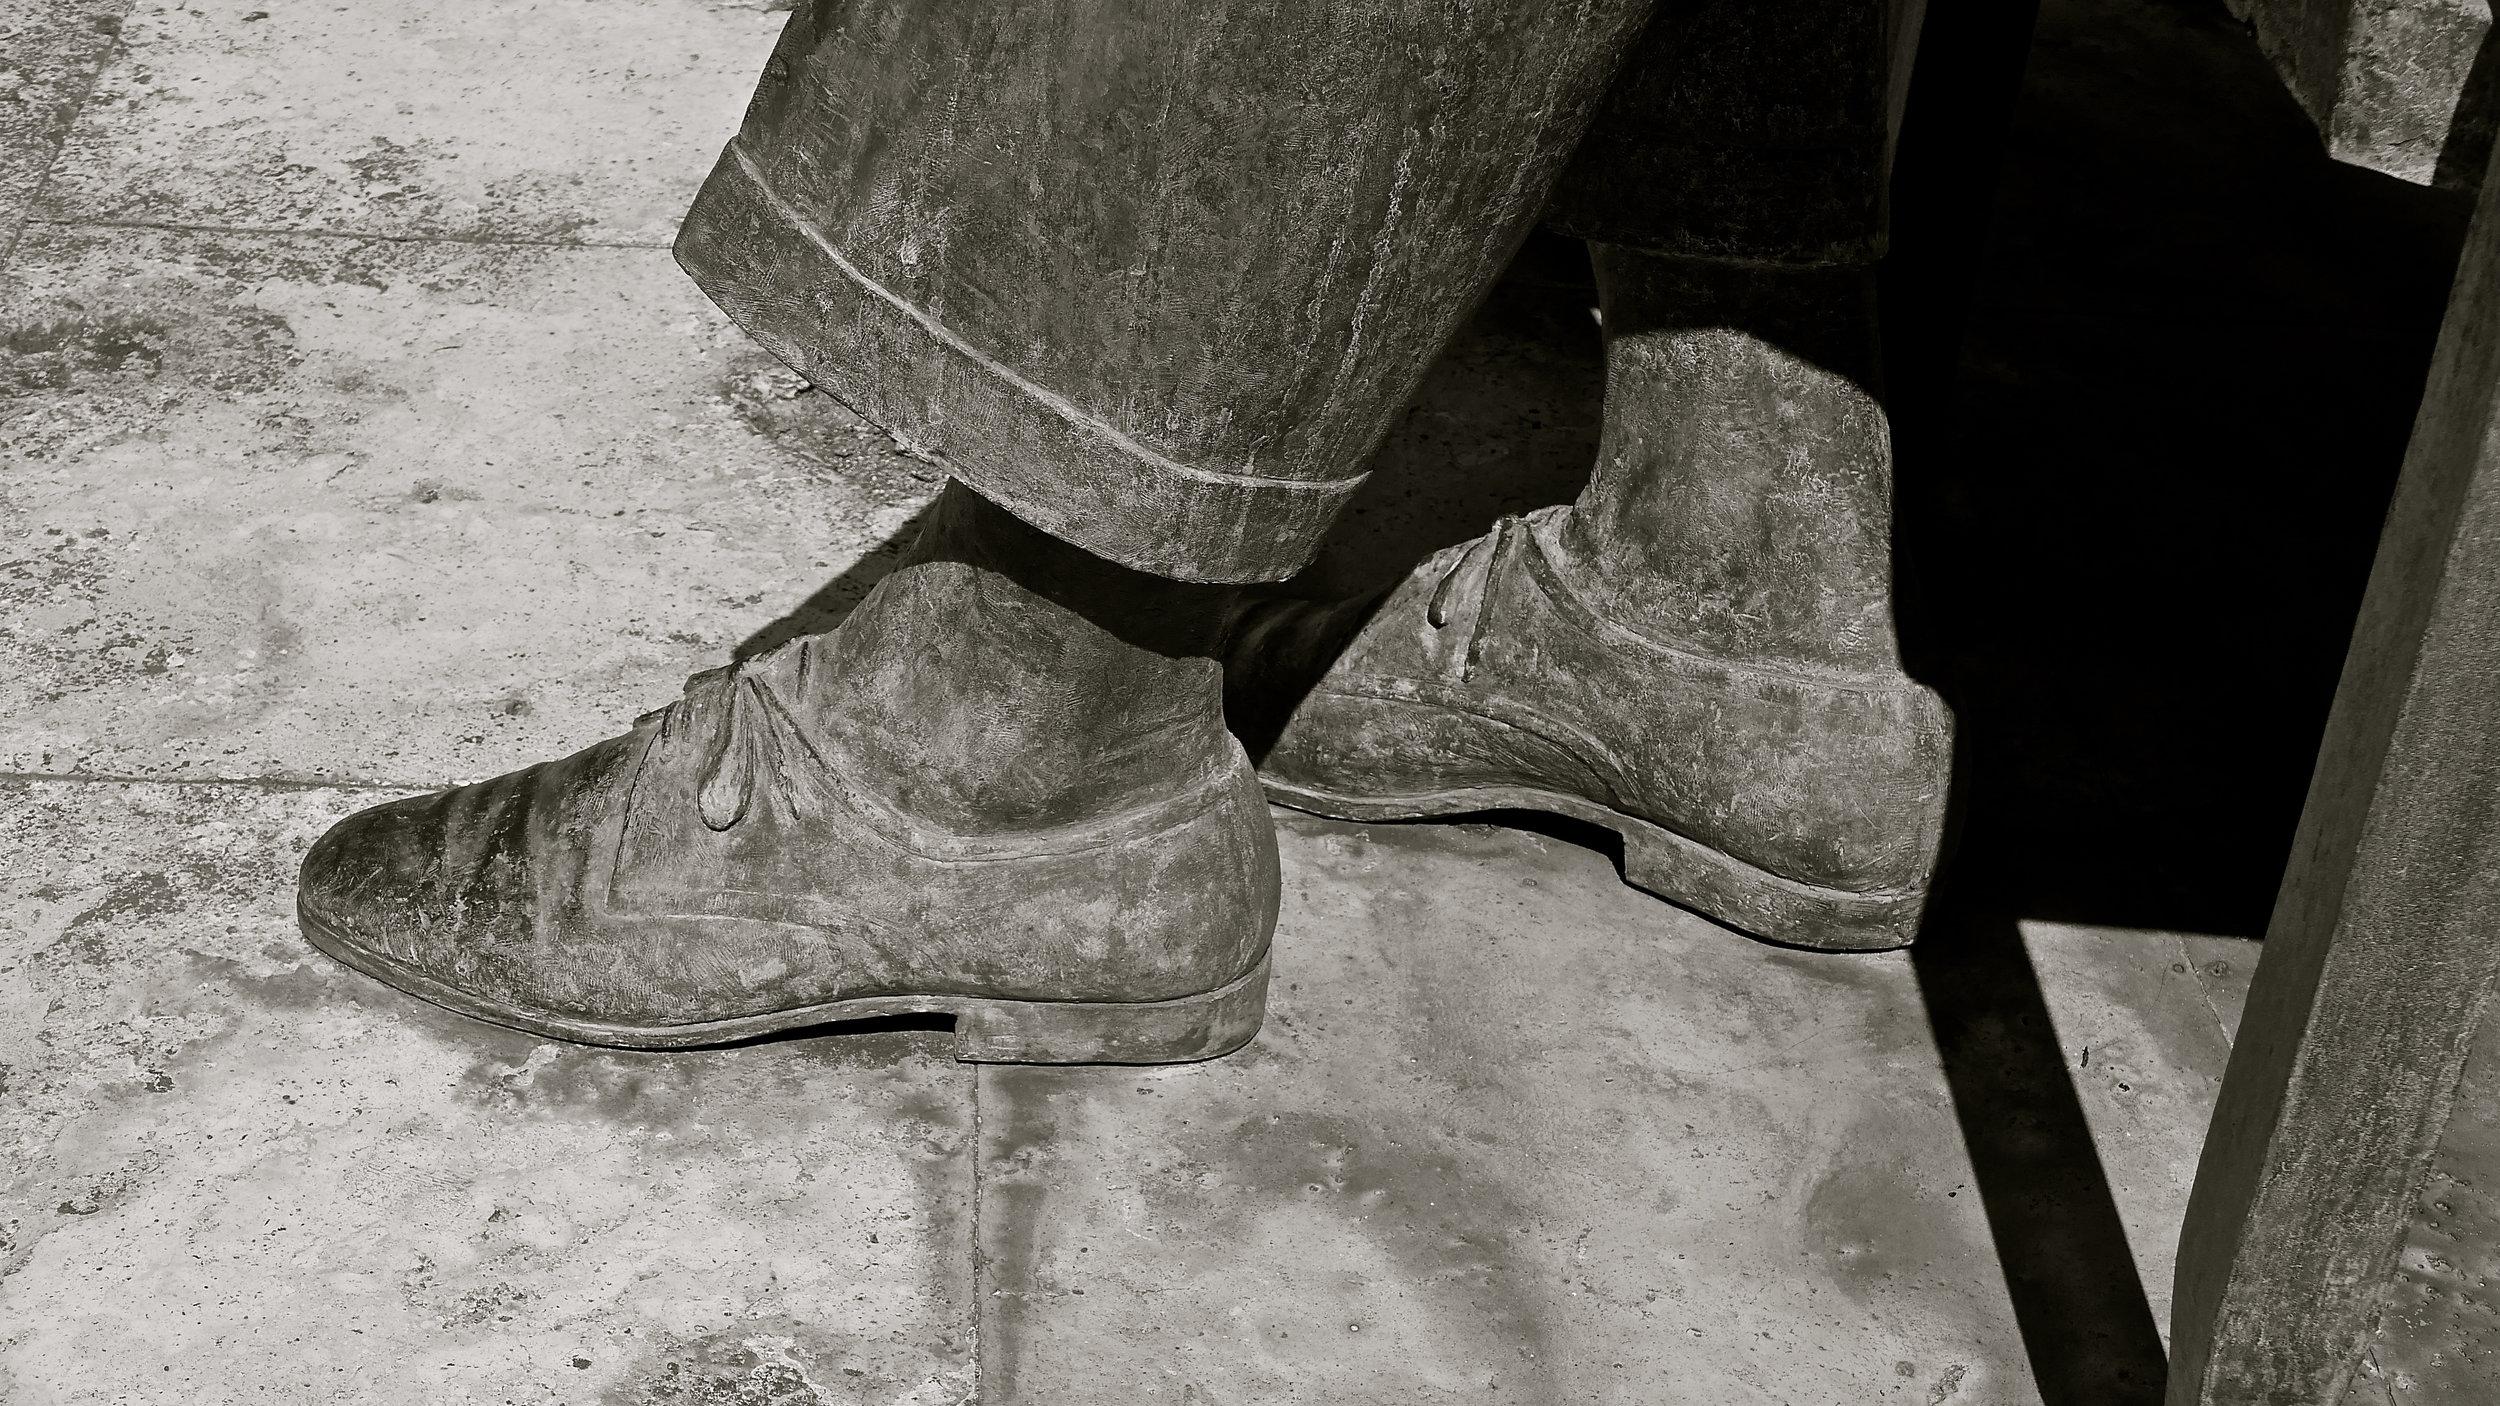 Zapatos reales